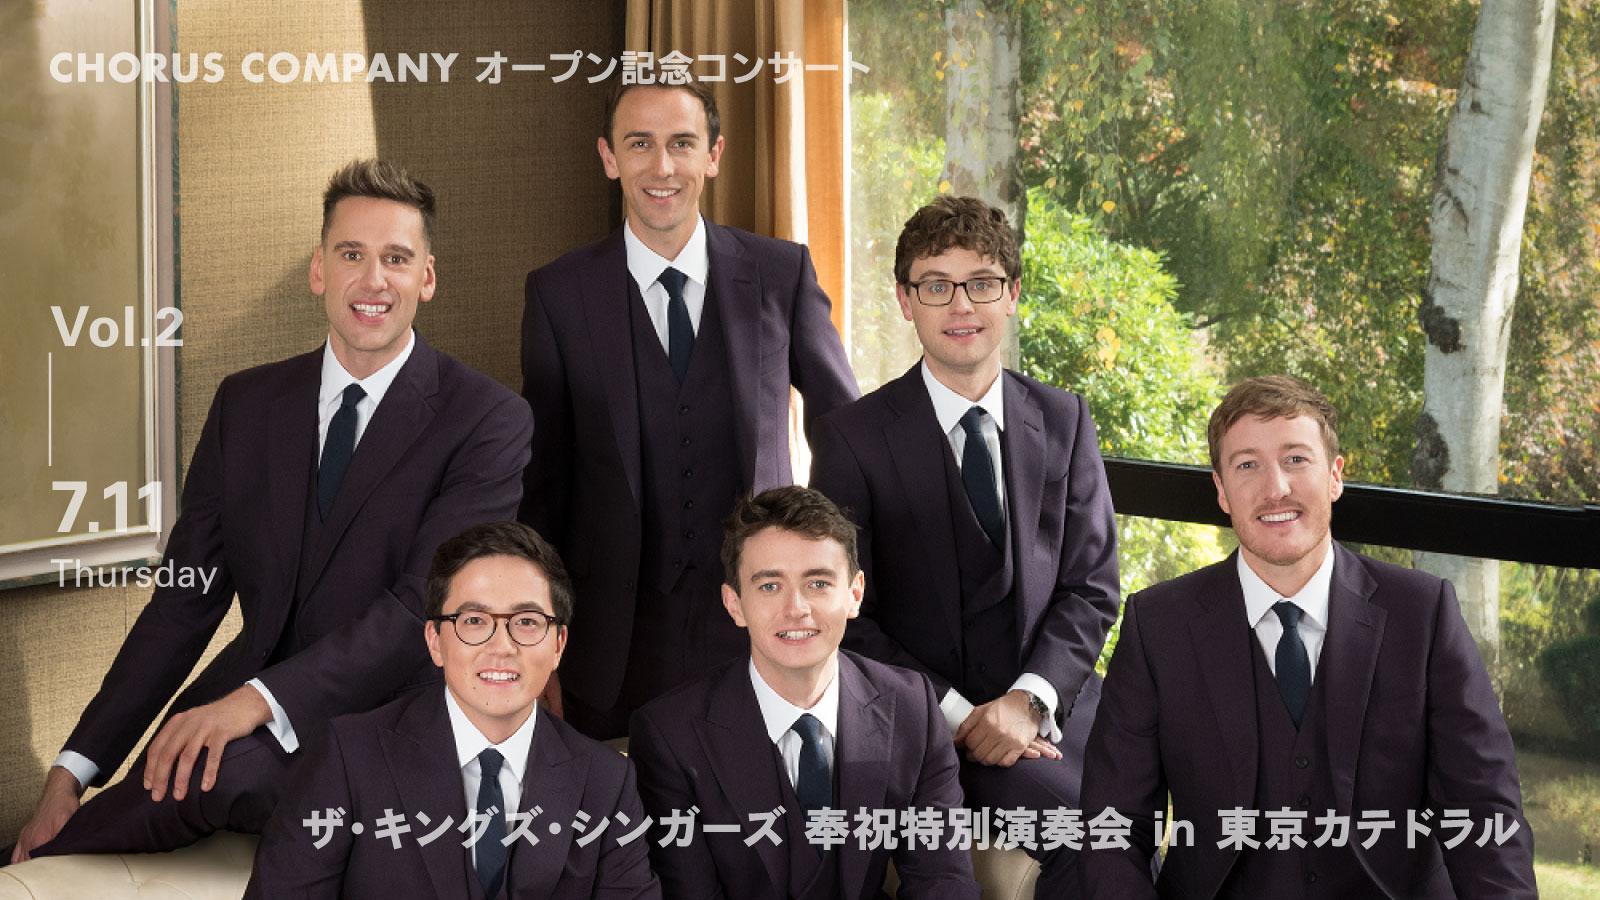 ザ・キングズ・シンガーズ 奉祝特別演奏会 in 東京カテドラル